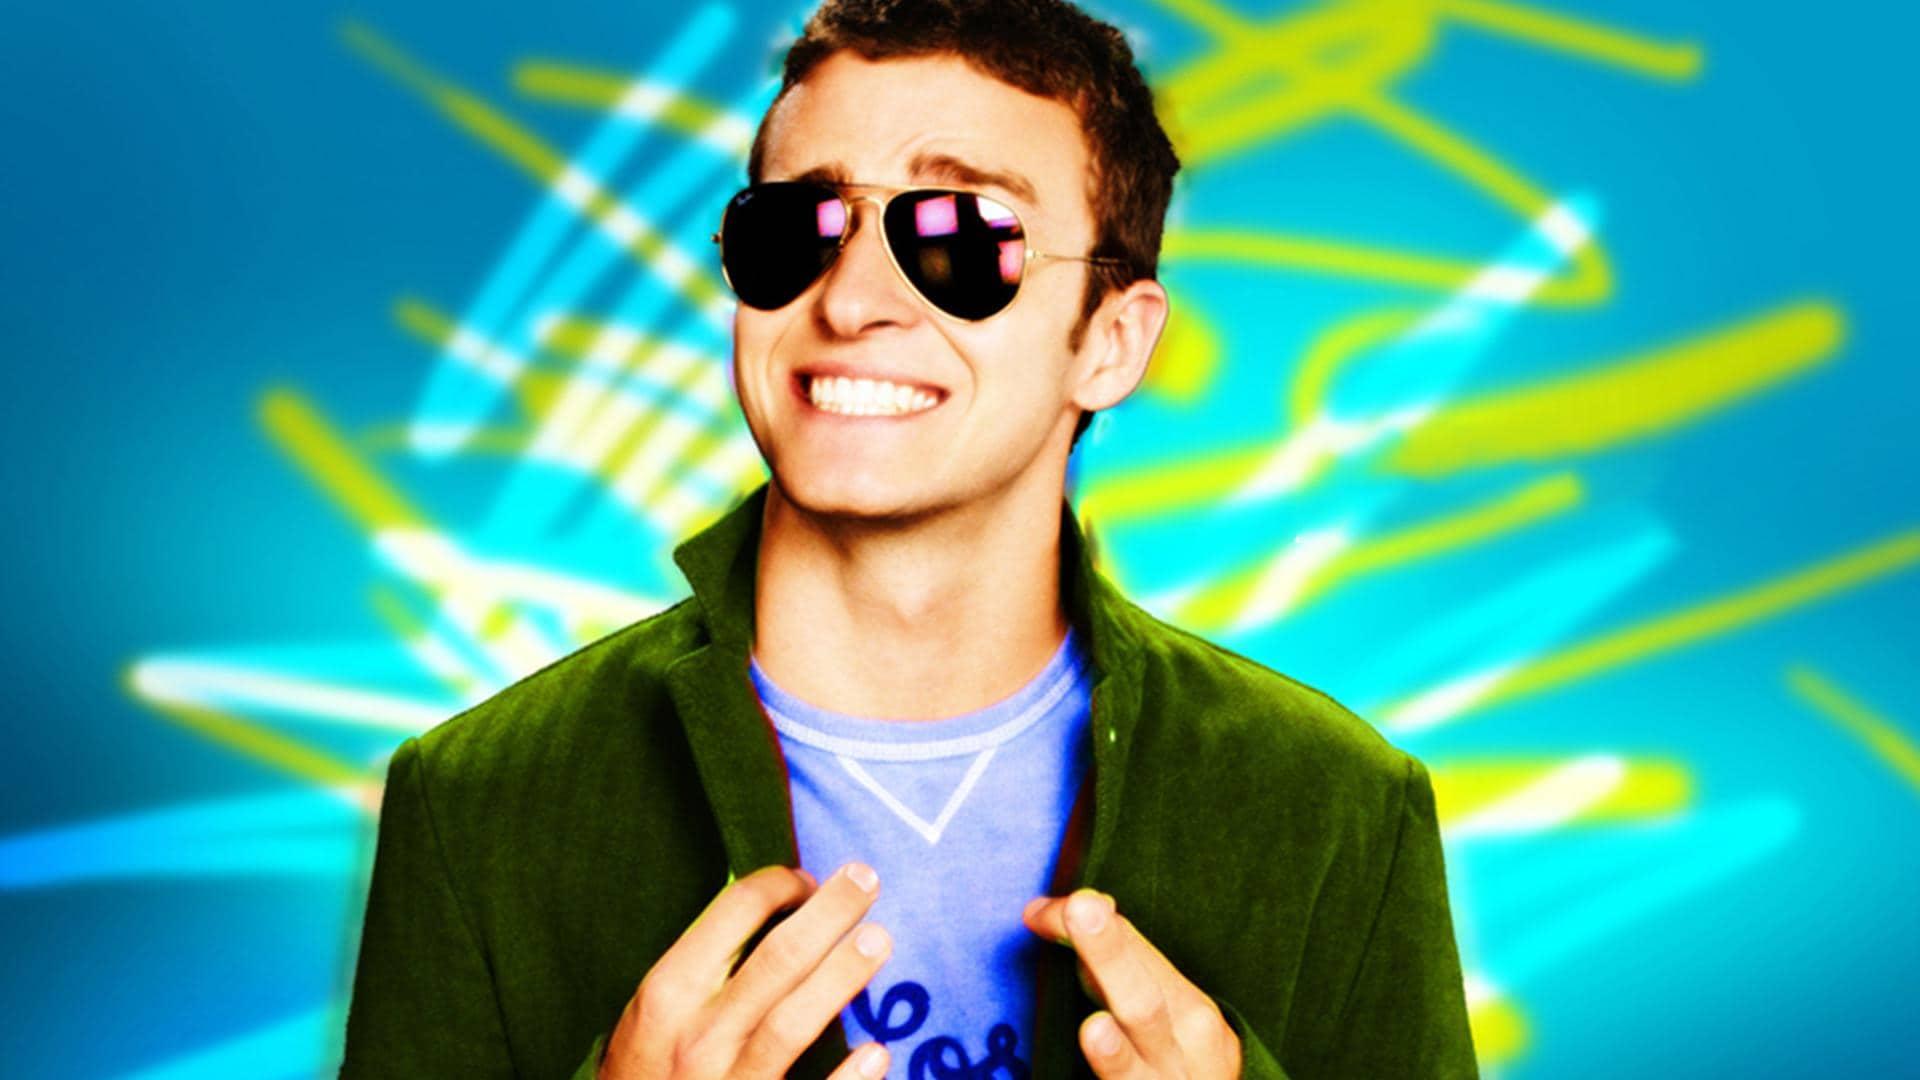 Justin Timberlake: October 11, 2003